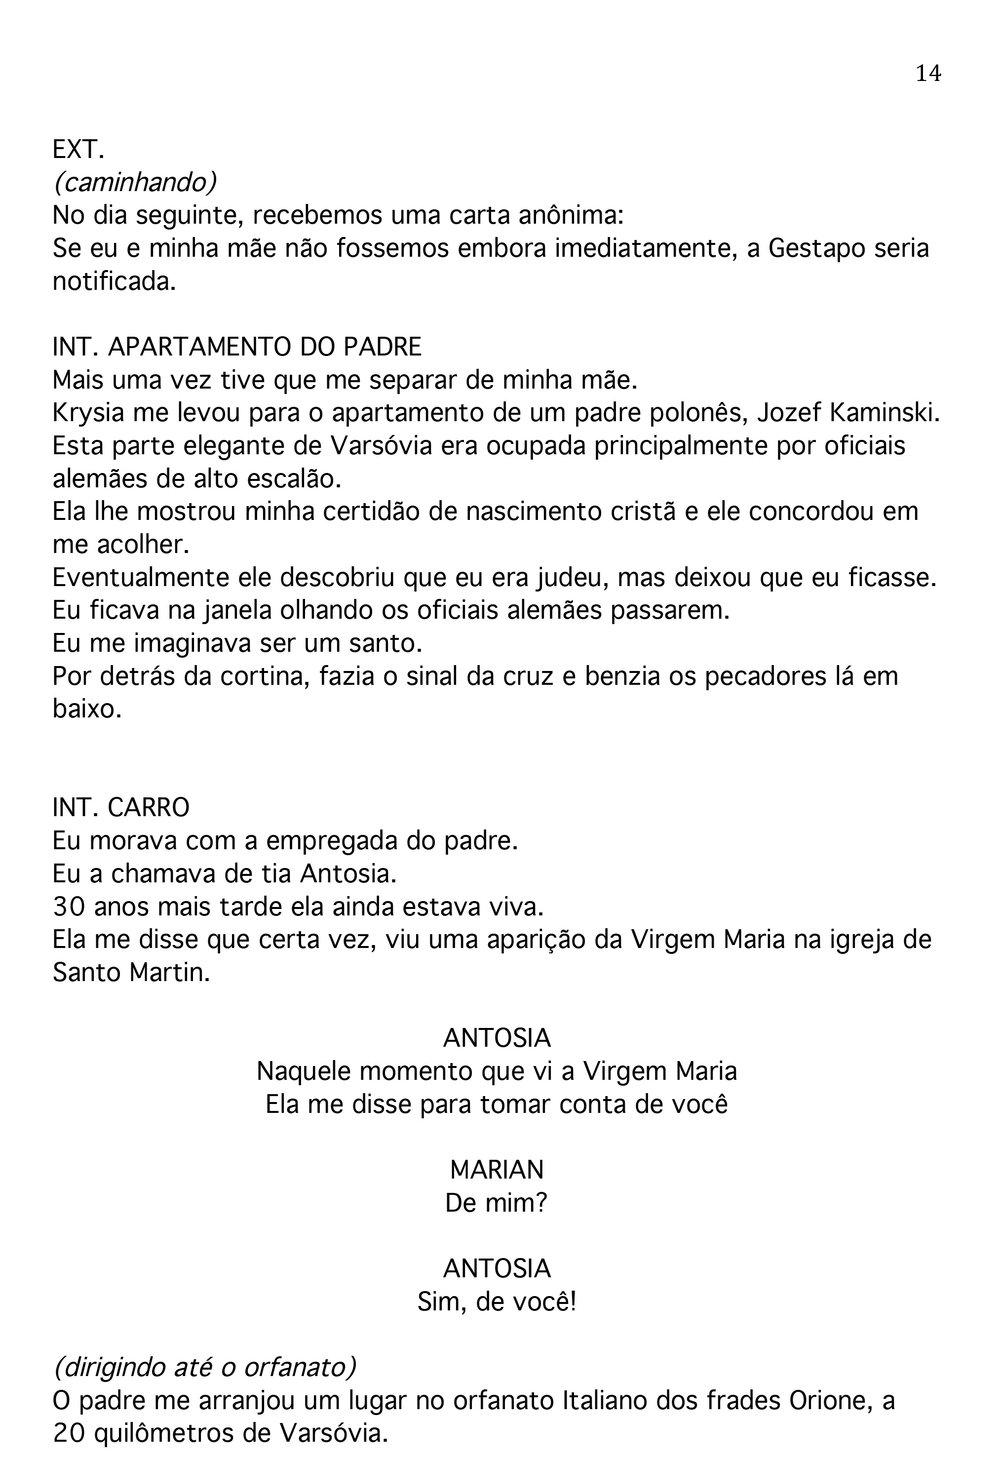 PORTUGUESE-SCRIPT-14.jpg